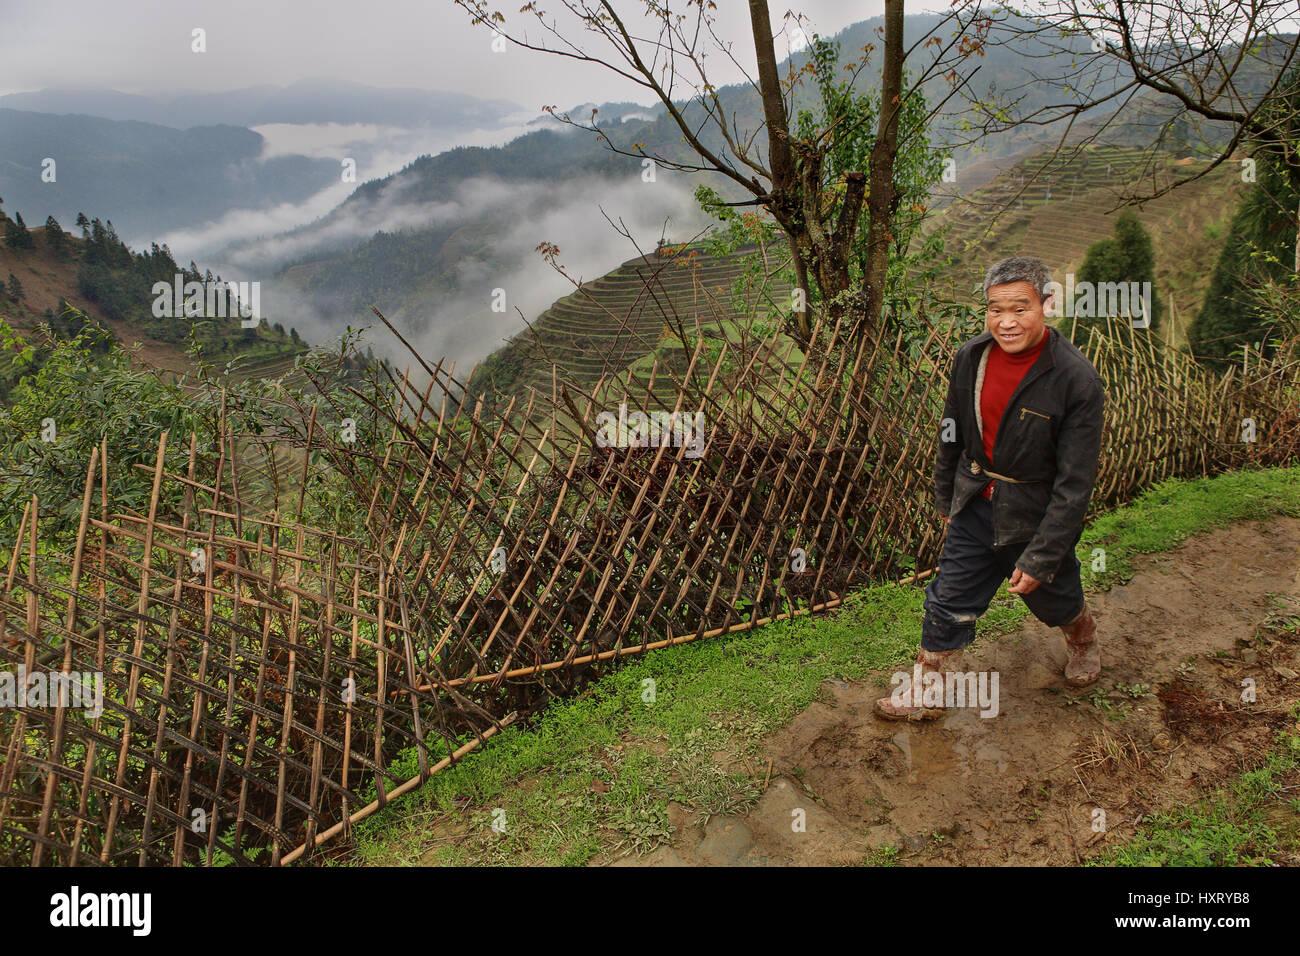 Village Pingan, Province du Guangxi, Chine - 5 Avril 2010: Asian man, portant des bottes en caoutchouc, la Photo Stock